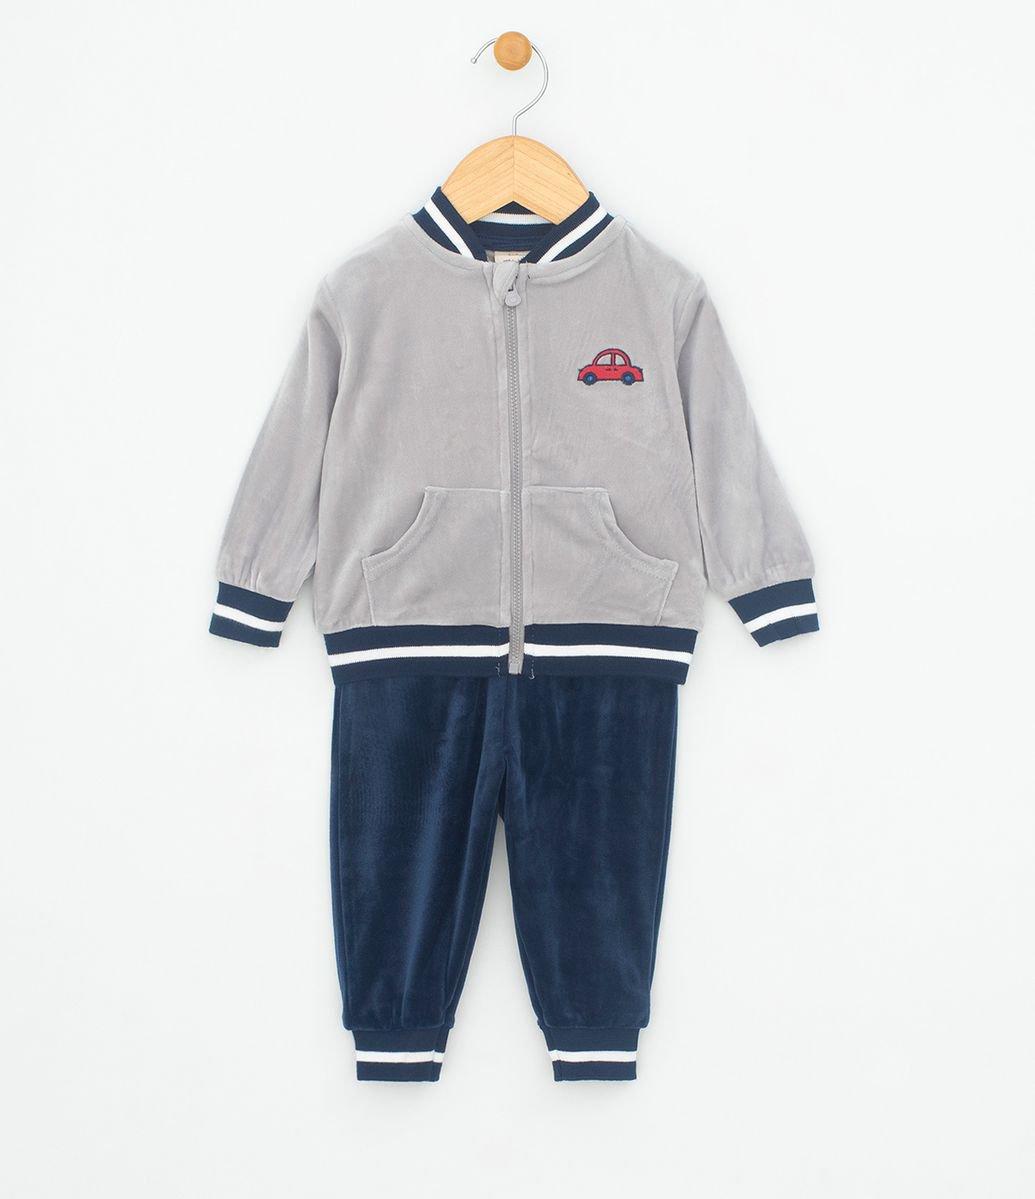 0e42824103 Conjunto Infantil com Casaco Bordado e Calça com Punho em Push - Tam ...